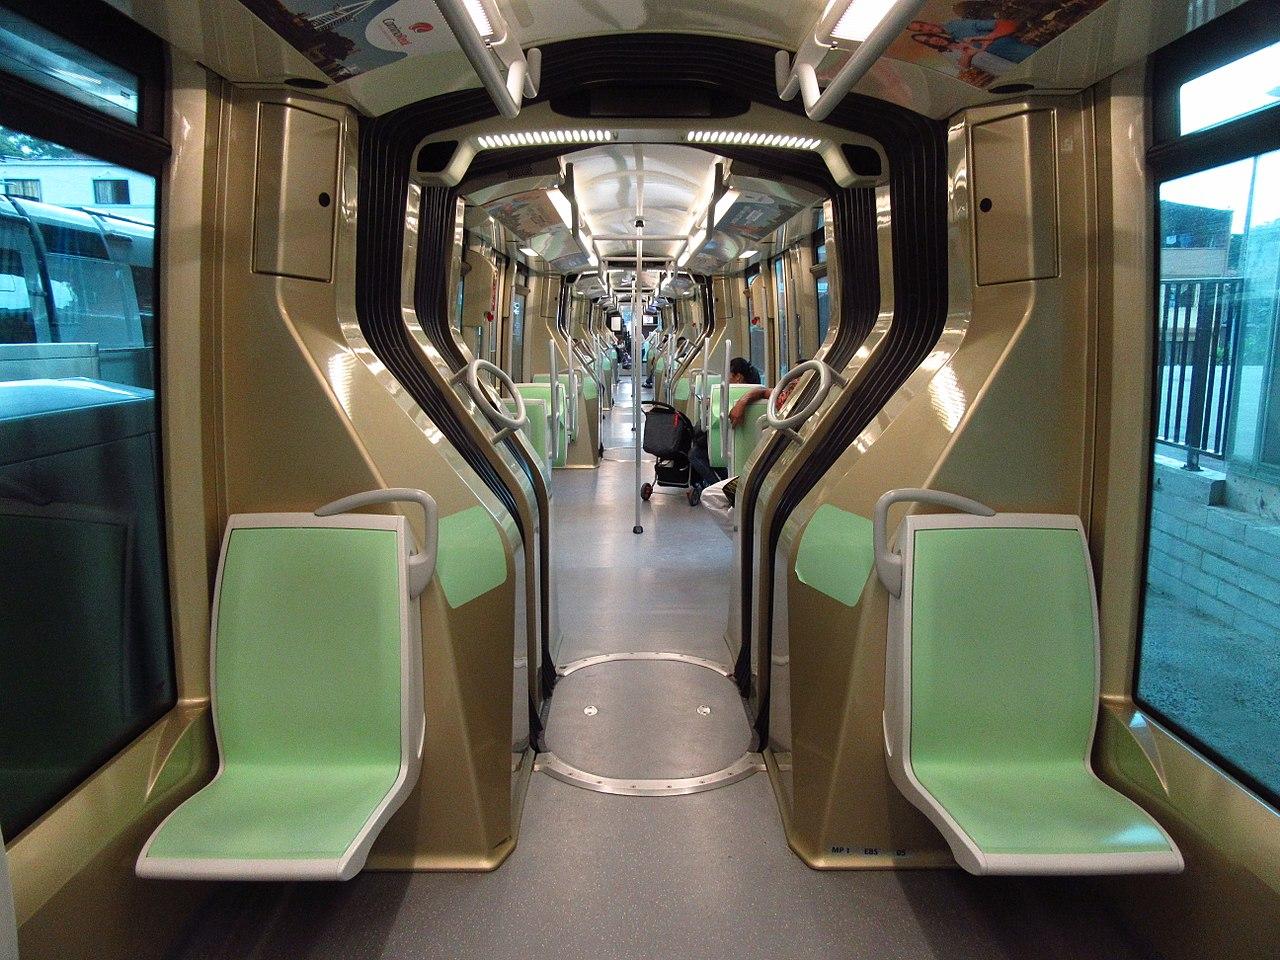 A kolumbiai Medellínben közlekedő Translohr STE5 szerelvények 2015 óta szolgálják az utasokat. Harminc méter hosszú, 2,22 méter széles, 311 személyes